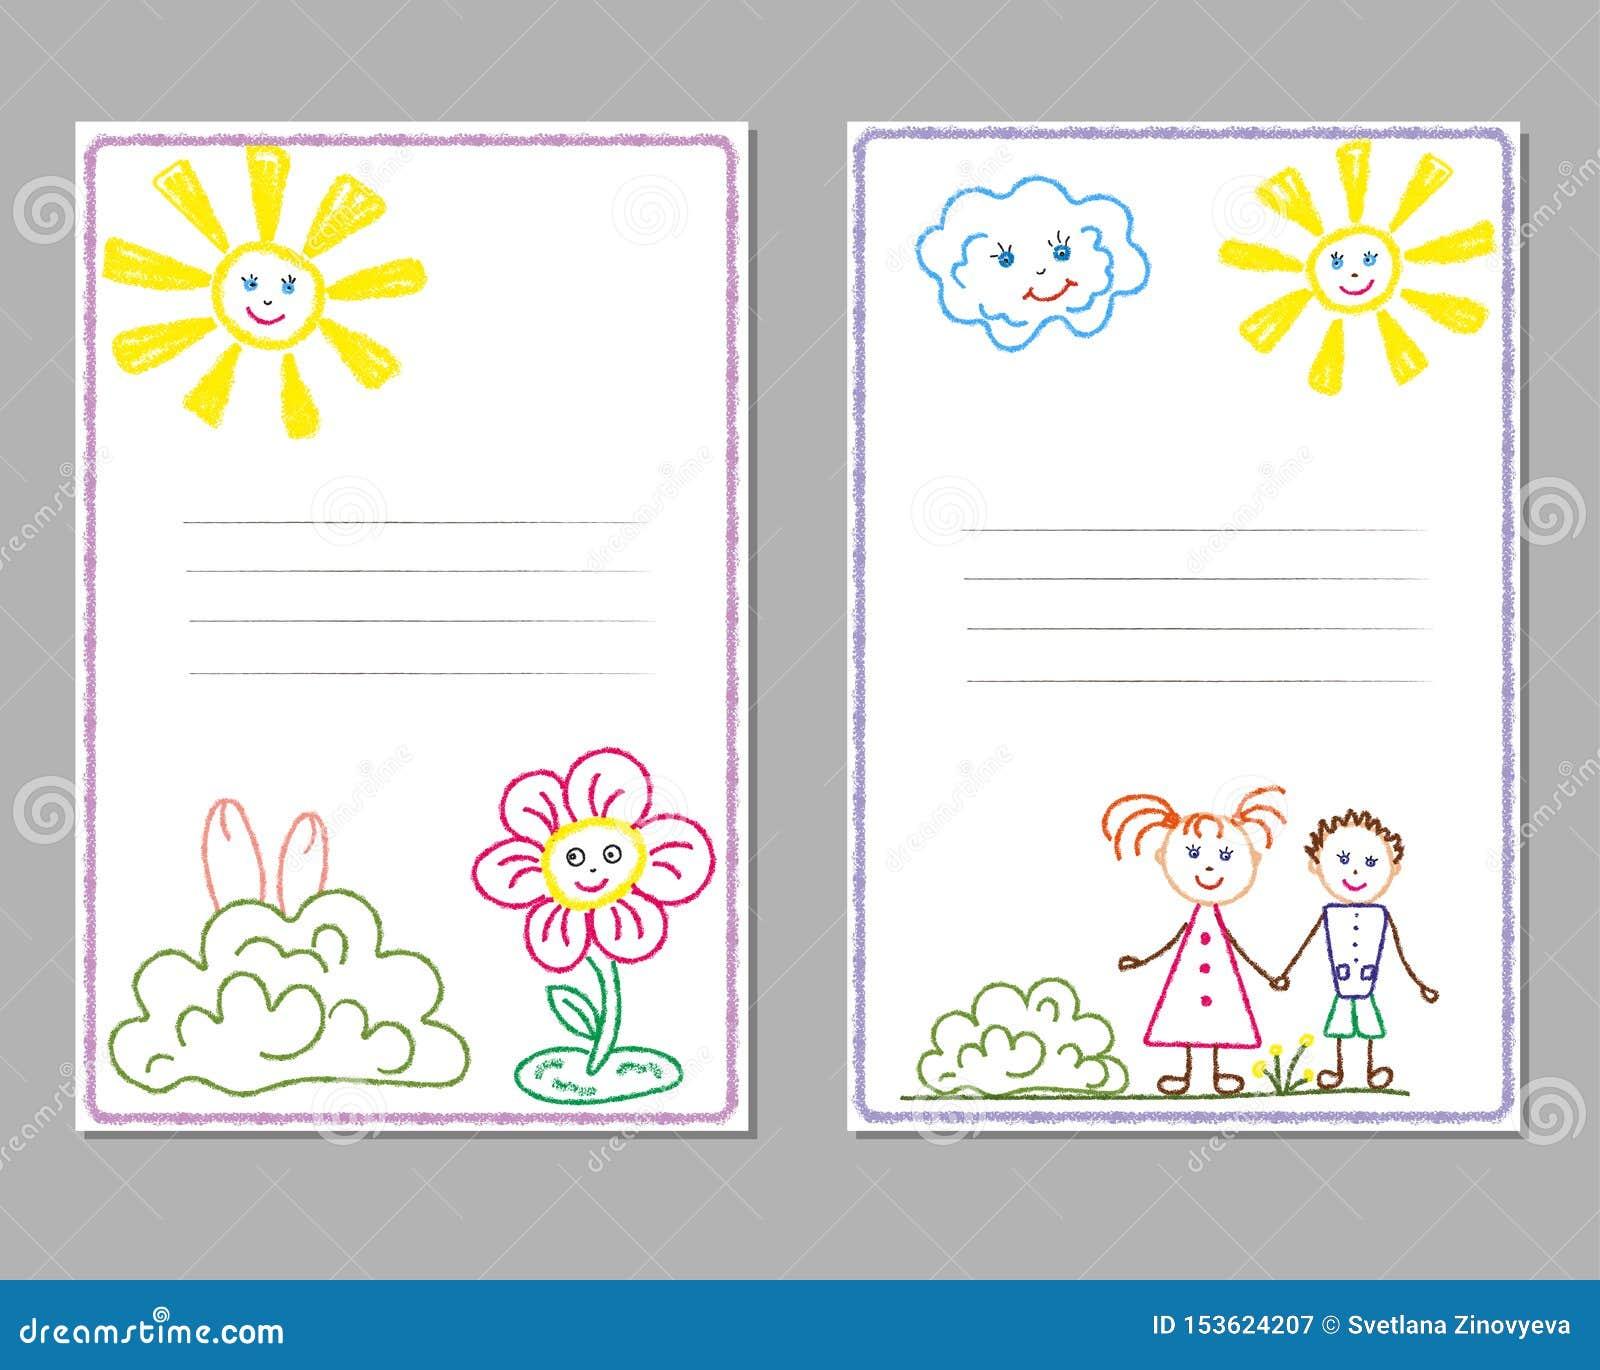 Kaarten met het potloodtekeningen van kinderen, met het beeld van de zon, kinderen, bloemen, vriendschap